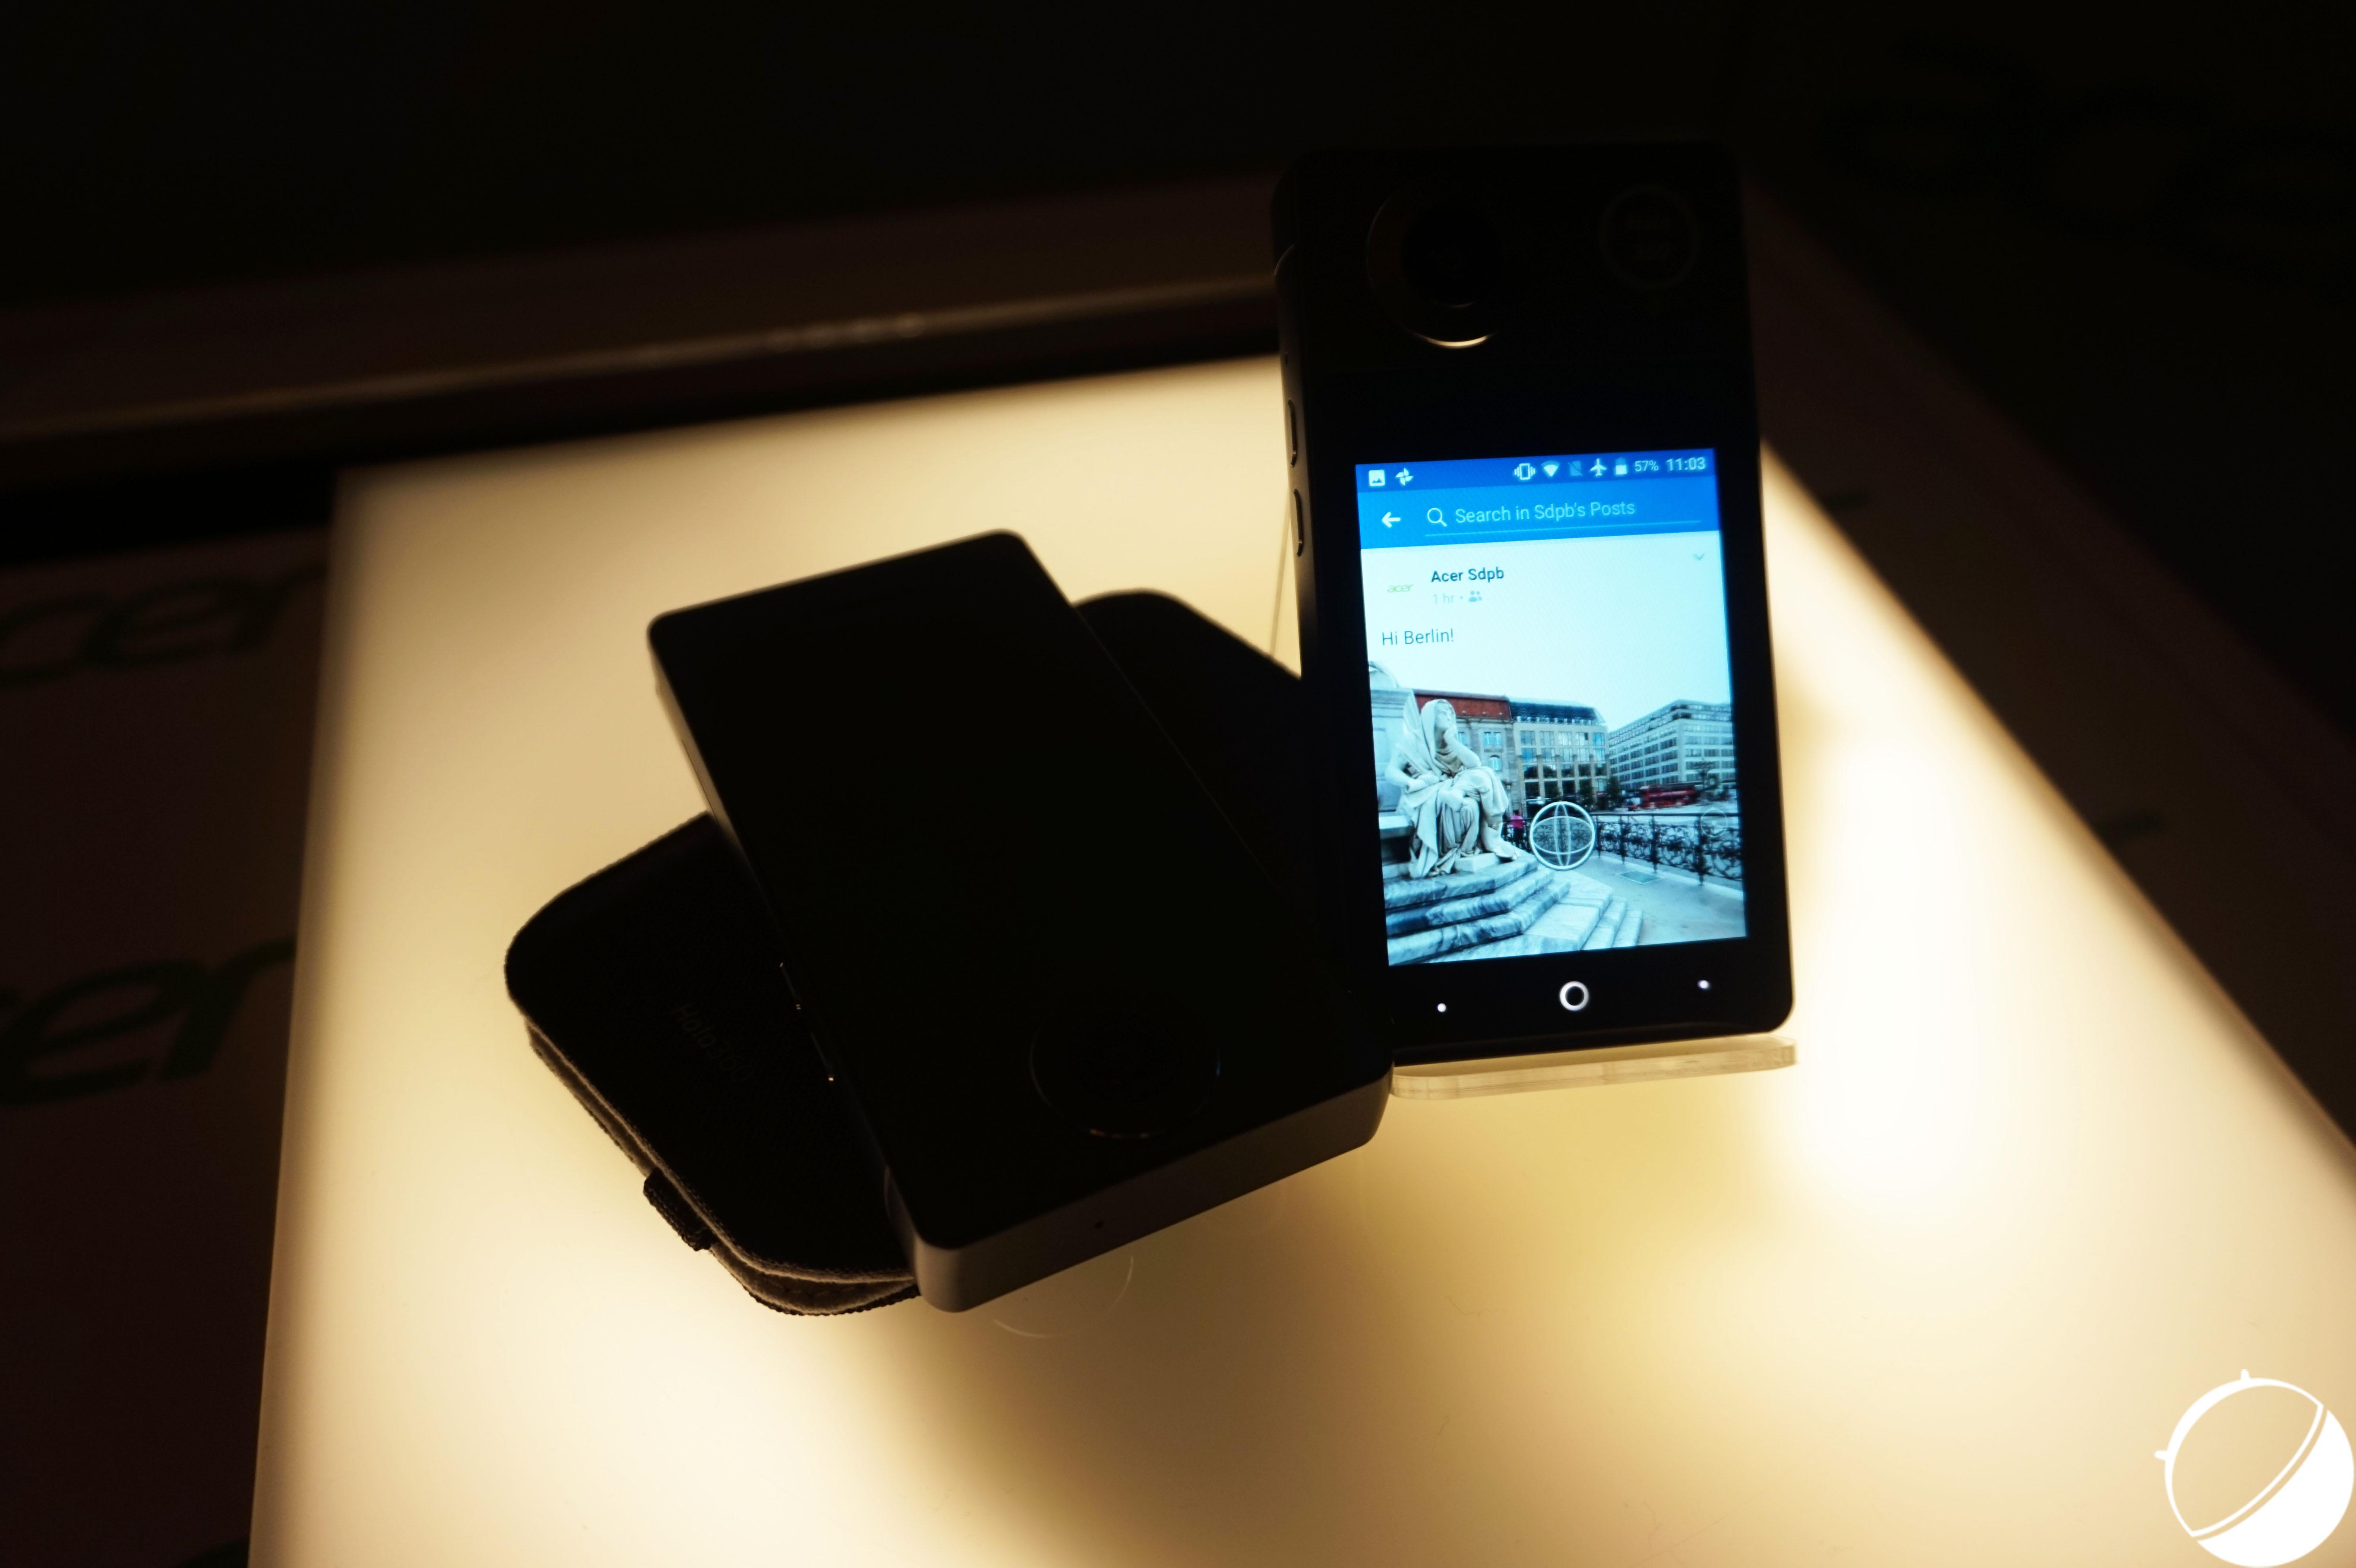 Acer Holo360 et Vision360 : la vidéo à 360 degré a maintenant son smartphone – IFA 2017